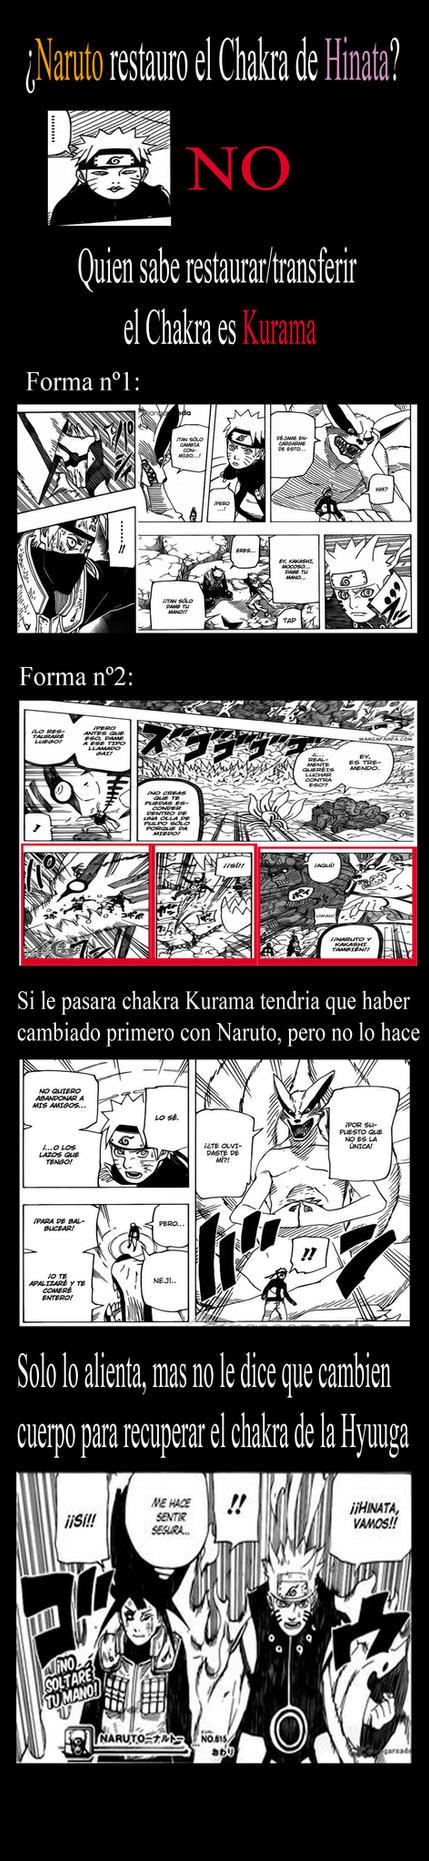 Naruto regenera el Chakra de Hinata? by AntiNaruSuck